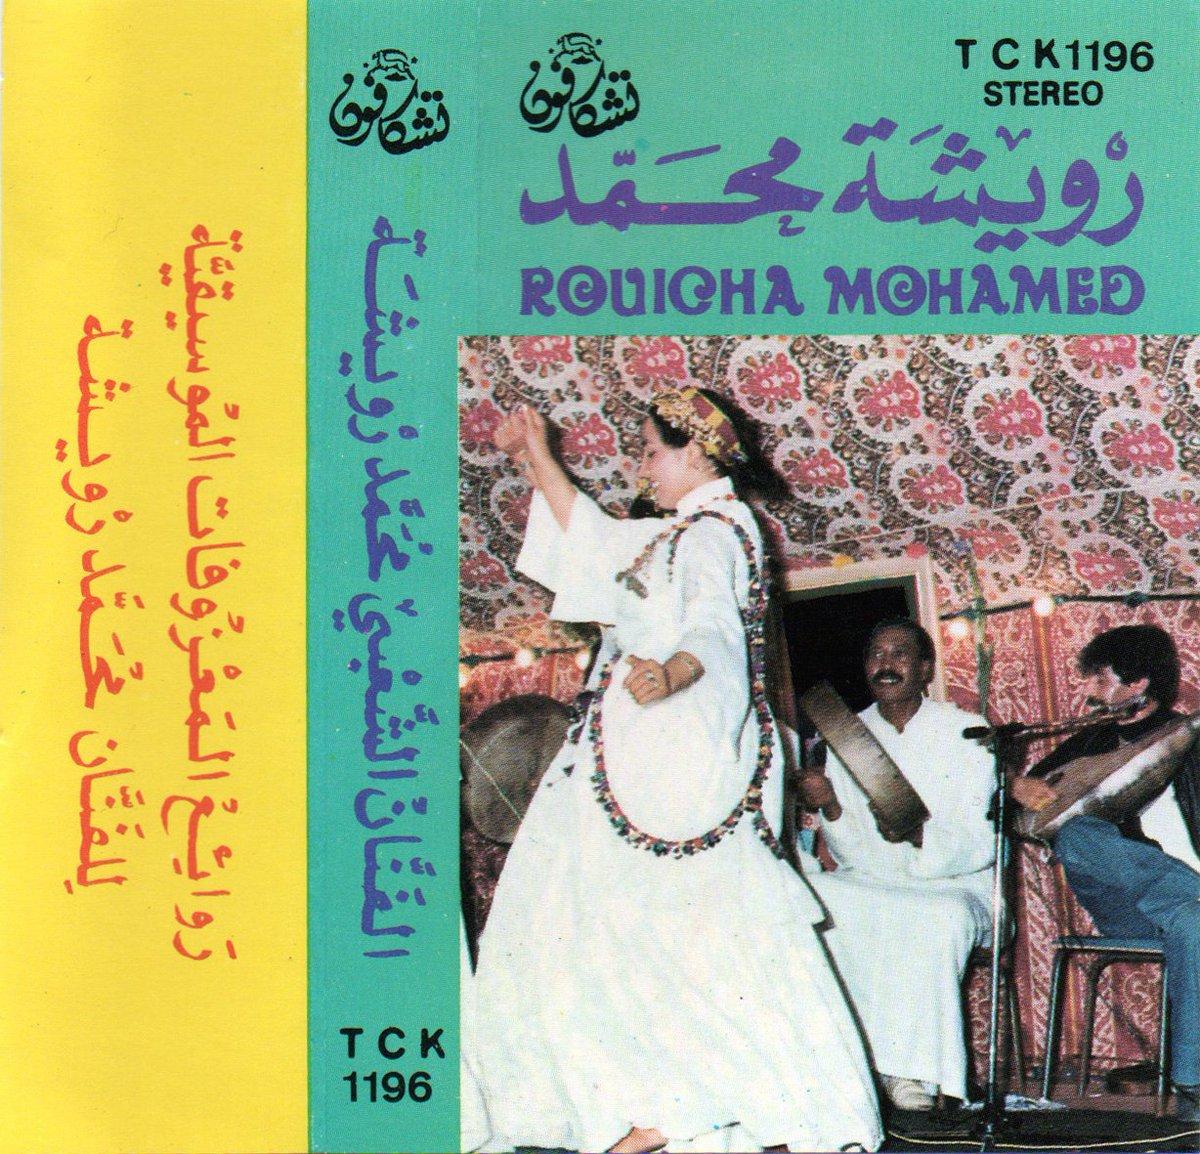 2009 TÉLÉCHARGER MUSIC ROUICHA